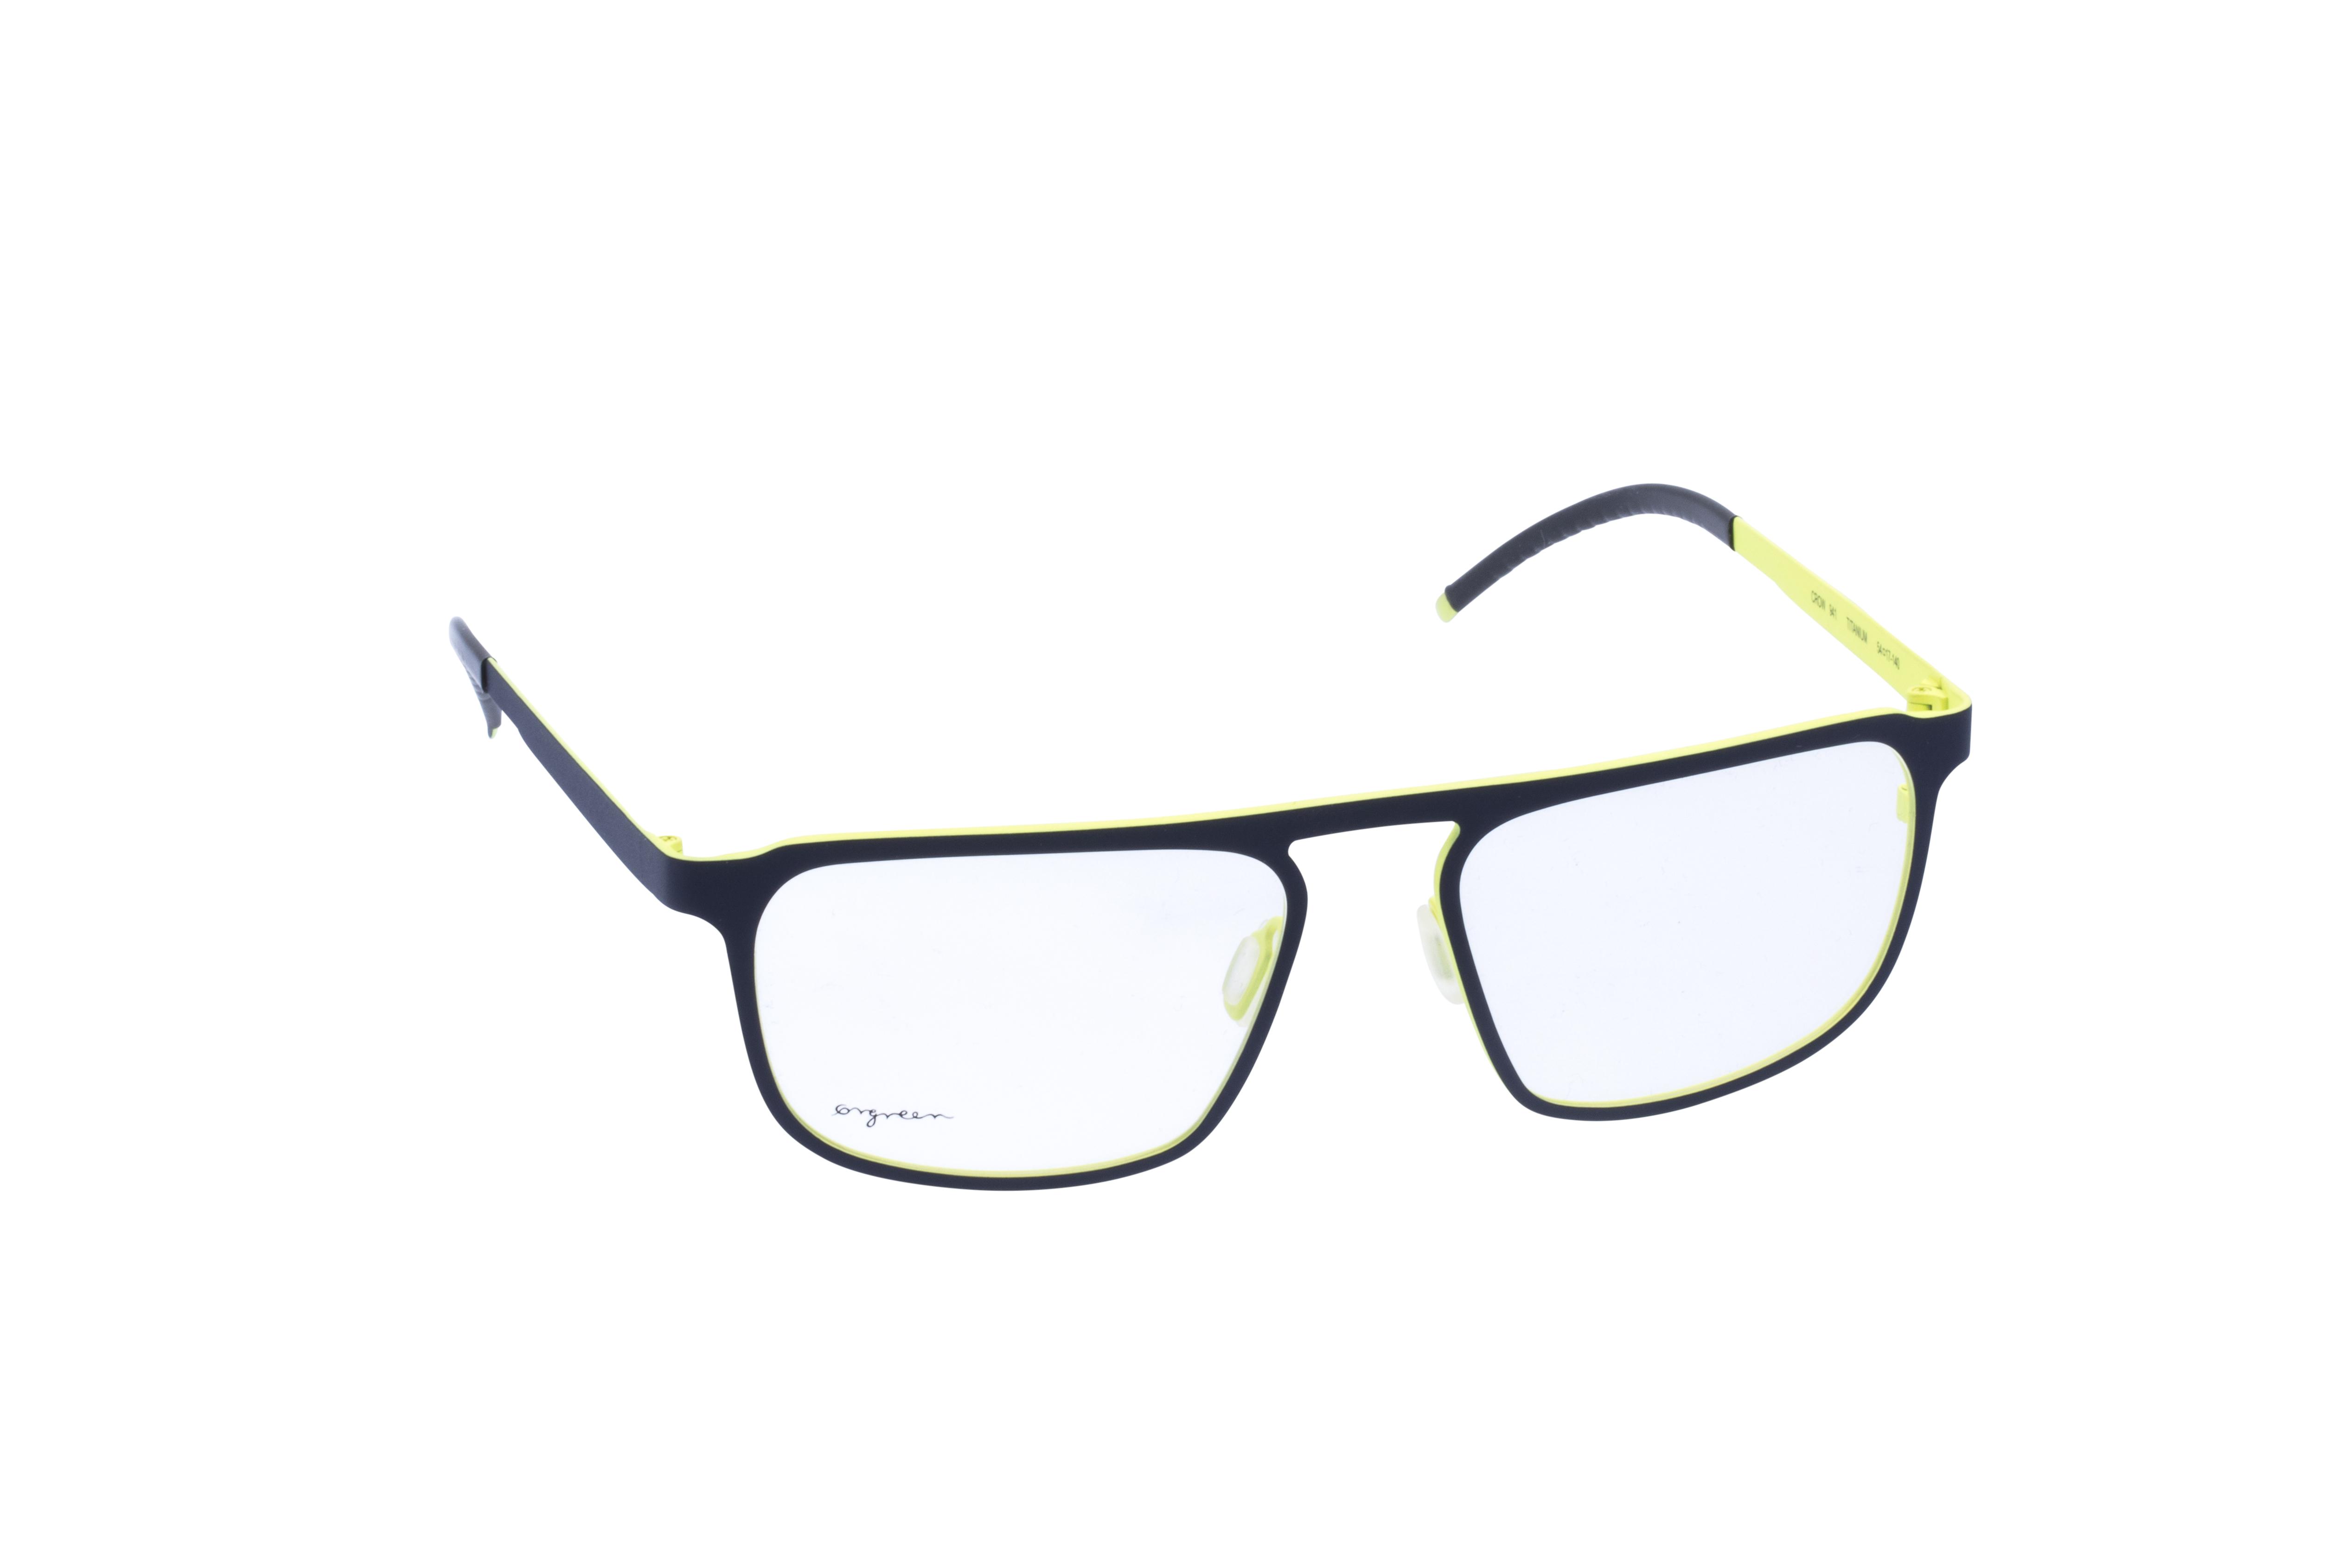 360 Grad Ansicht 1 Orgreen Crow, Brille auf Weiß - Fassung bei KUNK